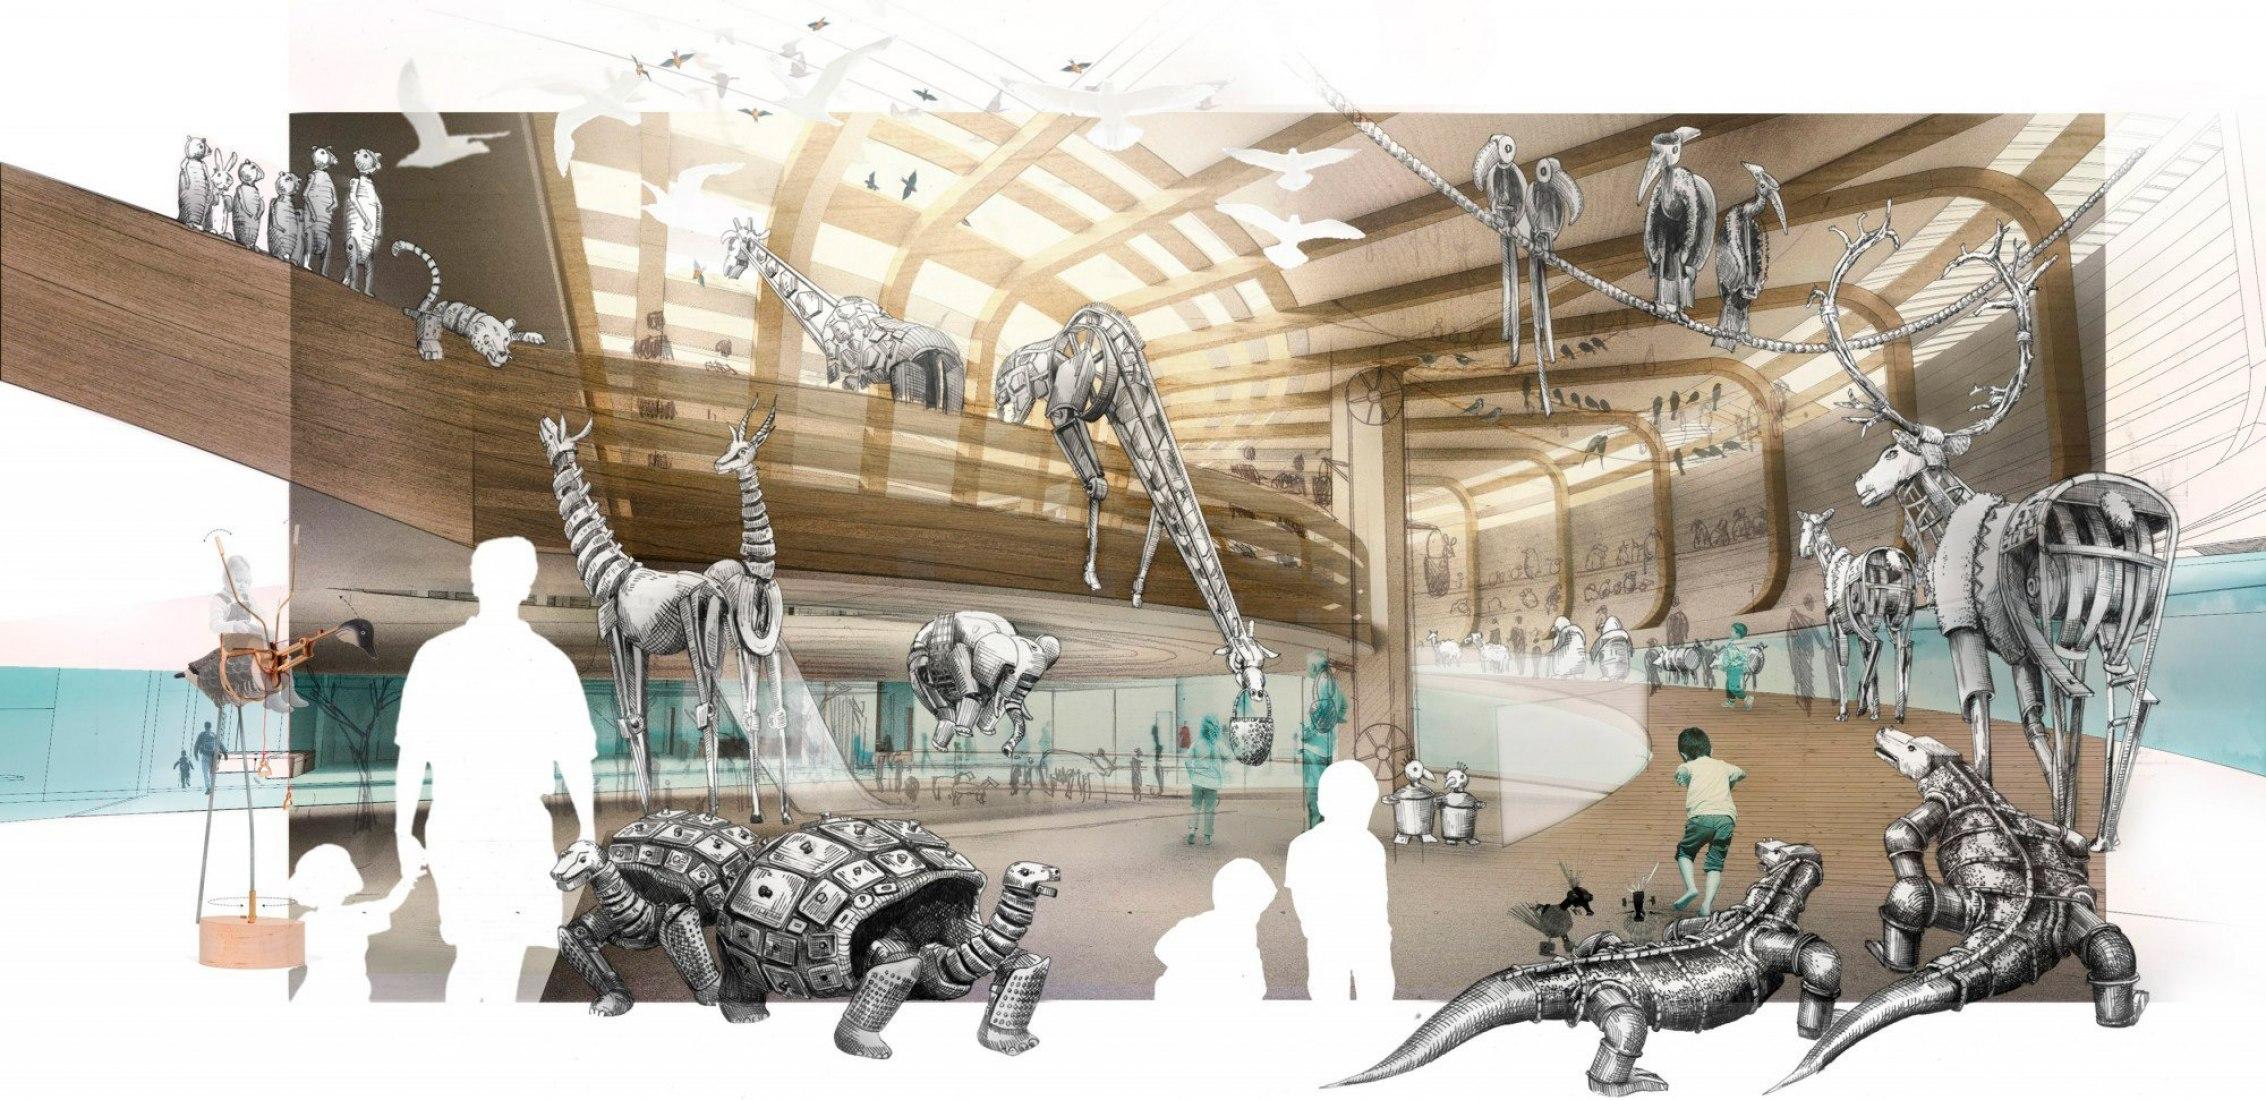 Visualización. Nuevo Museo infantil del Museo Judio de Berlín por Olson Kundig Architects